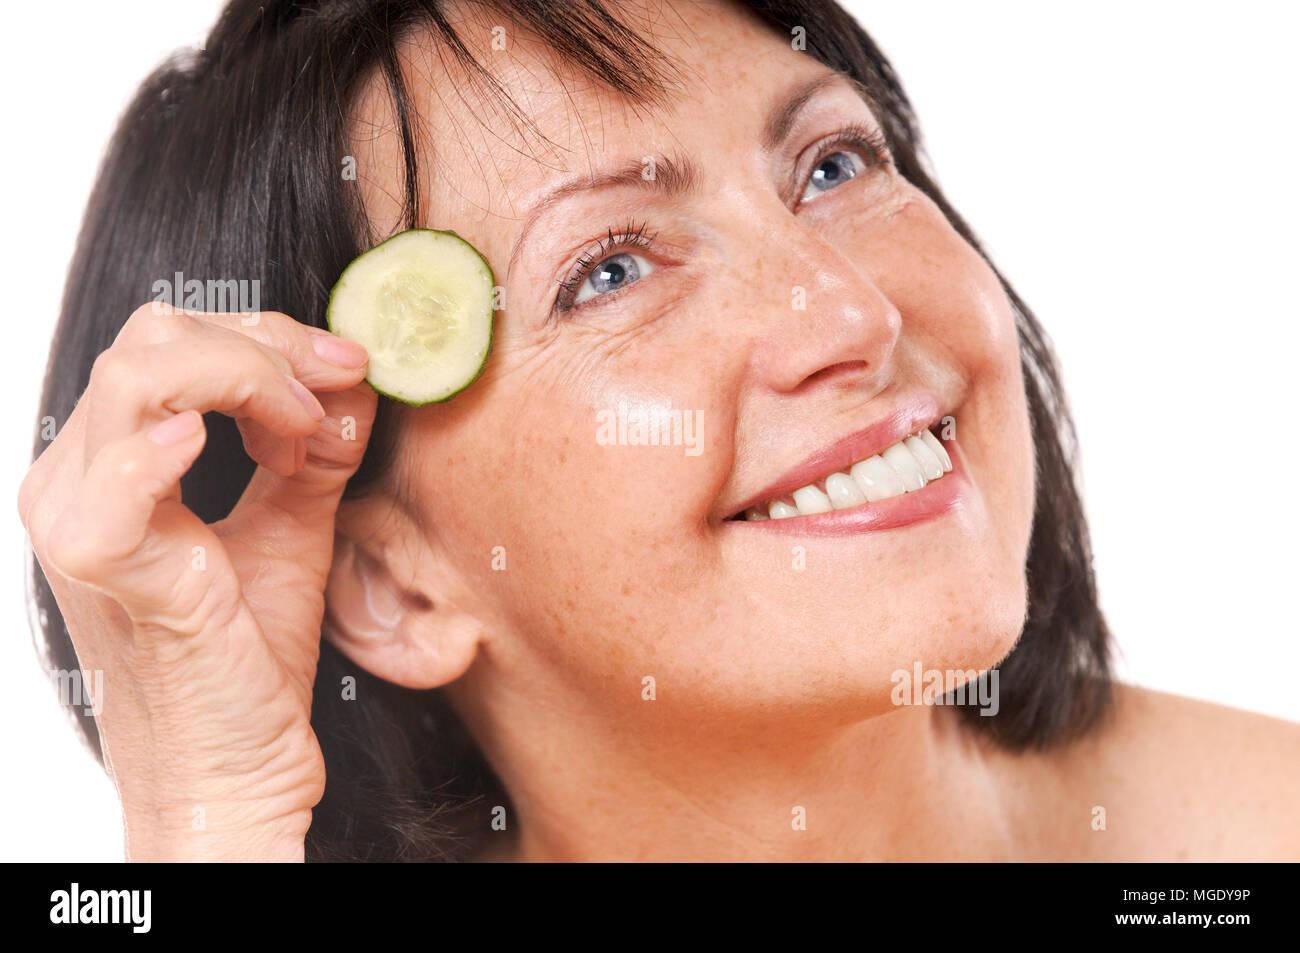 Allegra donna matura tenendo i pezzi di cetriolo vicino agli occhi. Natural spa trattamento. Isolato su sfondo bianco Foto Stock